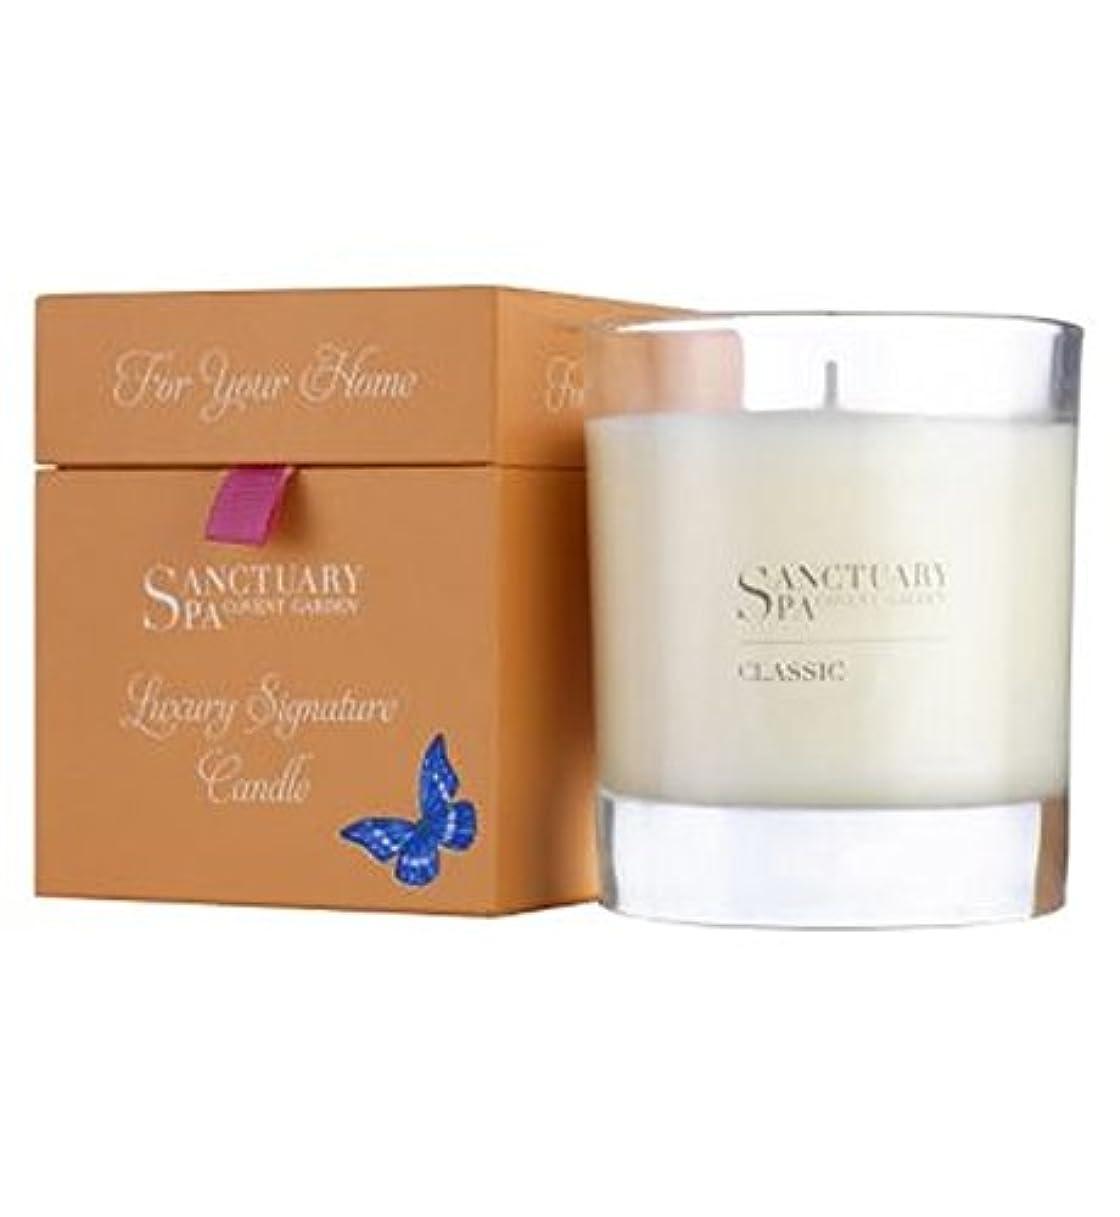 ラッドヤードキップリング宣言する自由Sanctuary Classic Fragranced Candle - 聖域のクラシックフレグランスキャンドル (Sanctuary) [並行輸入品]